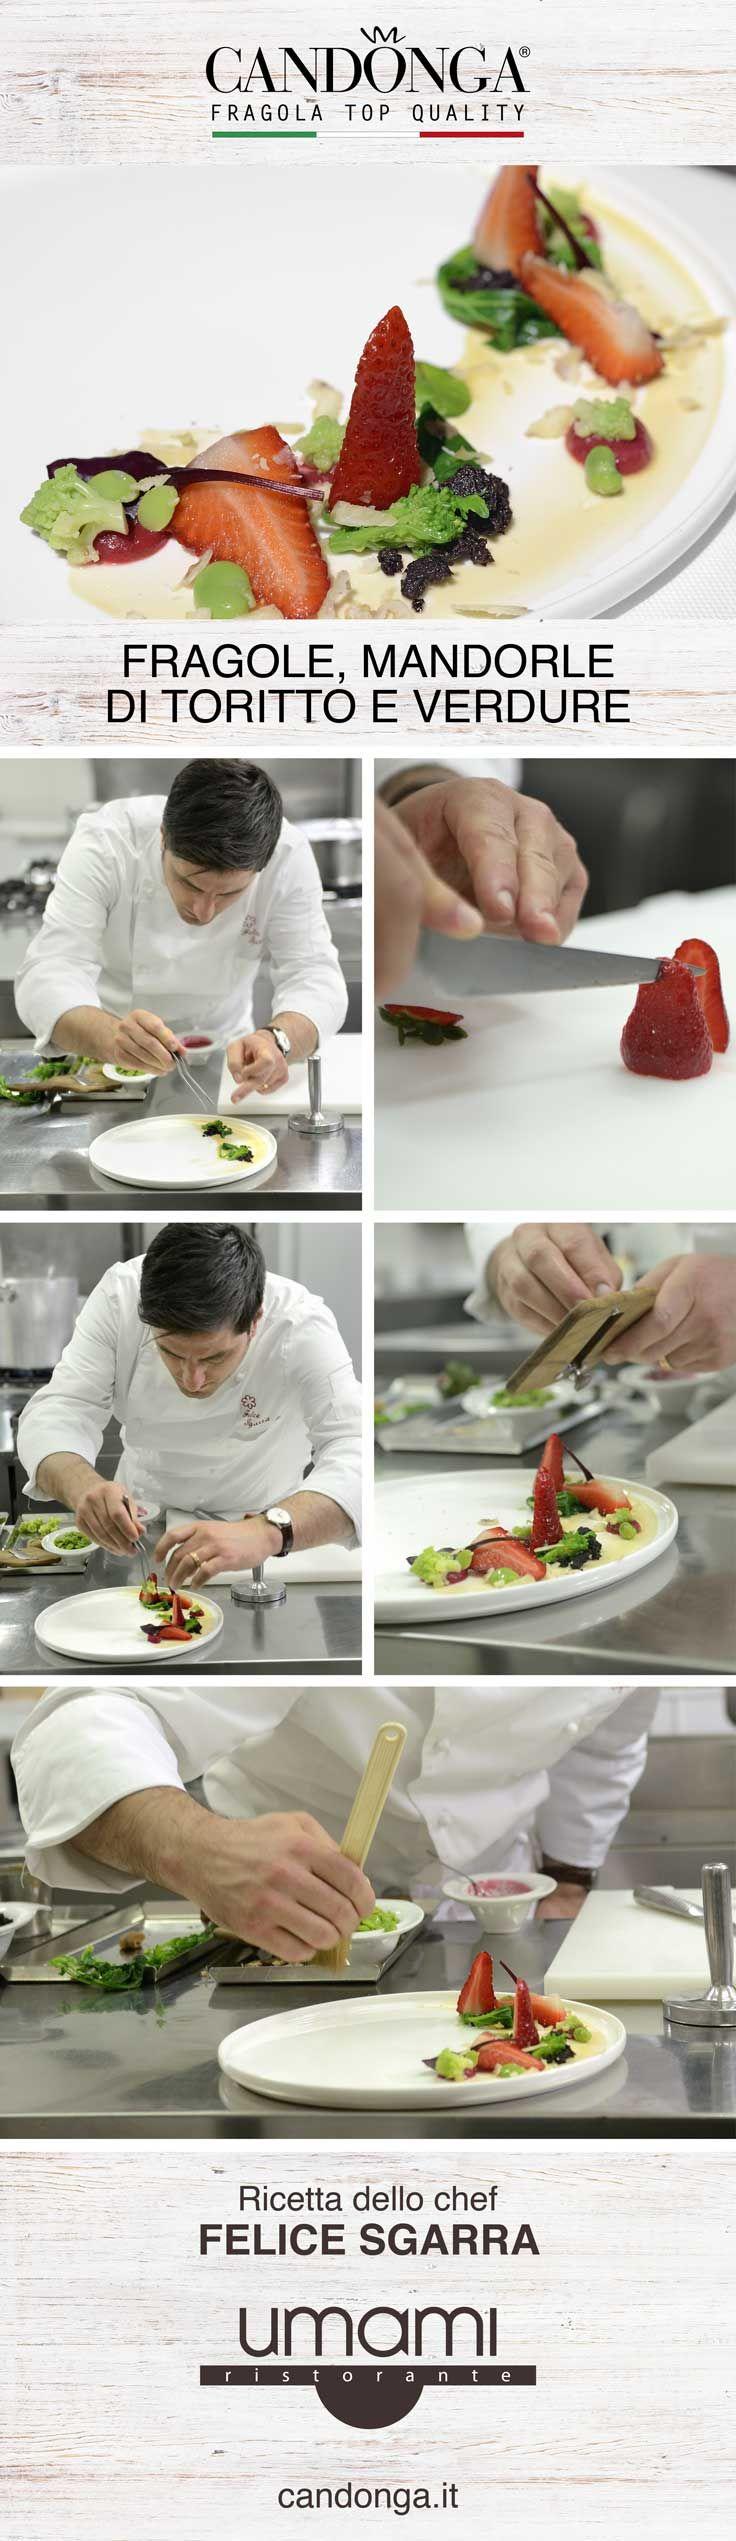 Mandorle di Toritto, verdure e Candonga Fragola Top Quality®. Ancora una volta lo Chef stellato Felice Sgarra del ristorante Umami di Andria (BT) ci prende per la gola con questo antipasto delicato e gustoso. Nell'articolo #video e #foto. #candongatop #fragole #ricette #ricettestellari